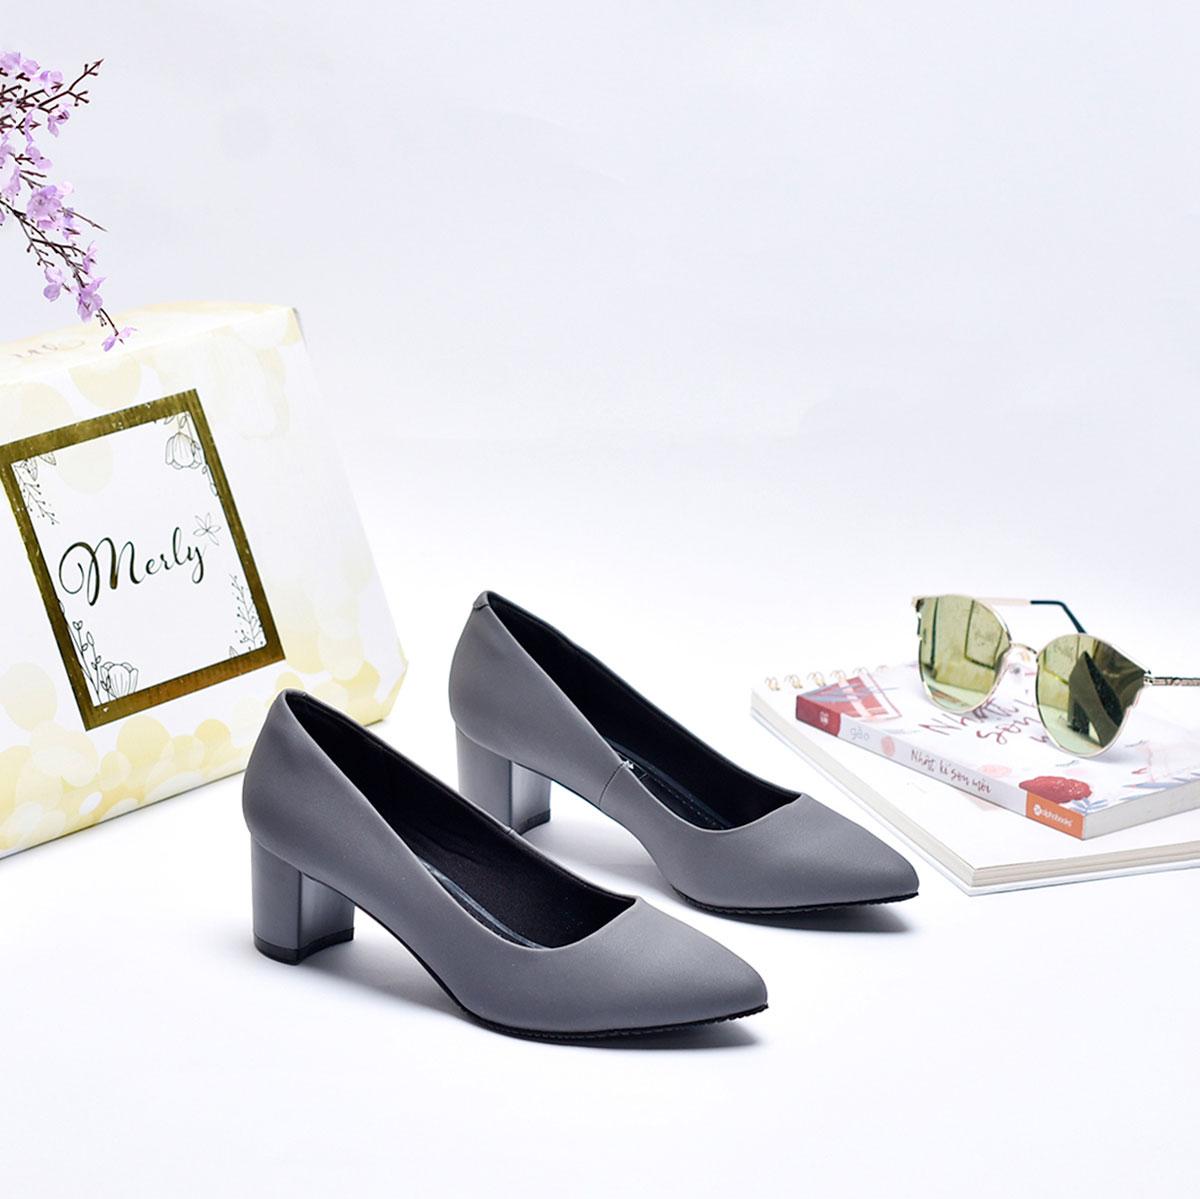 Giày gót thấp mũi nhọn Merly 1069 1